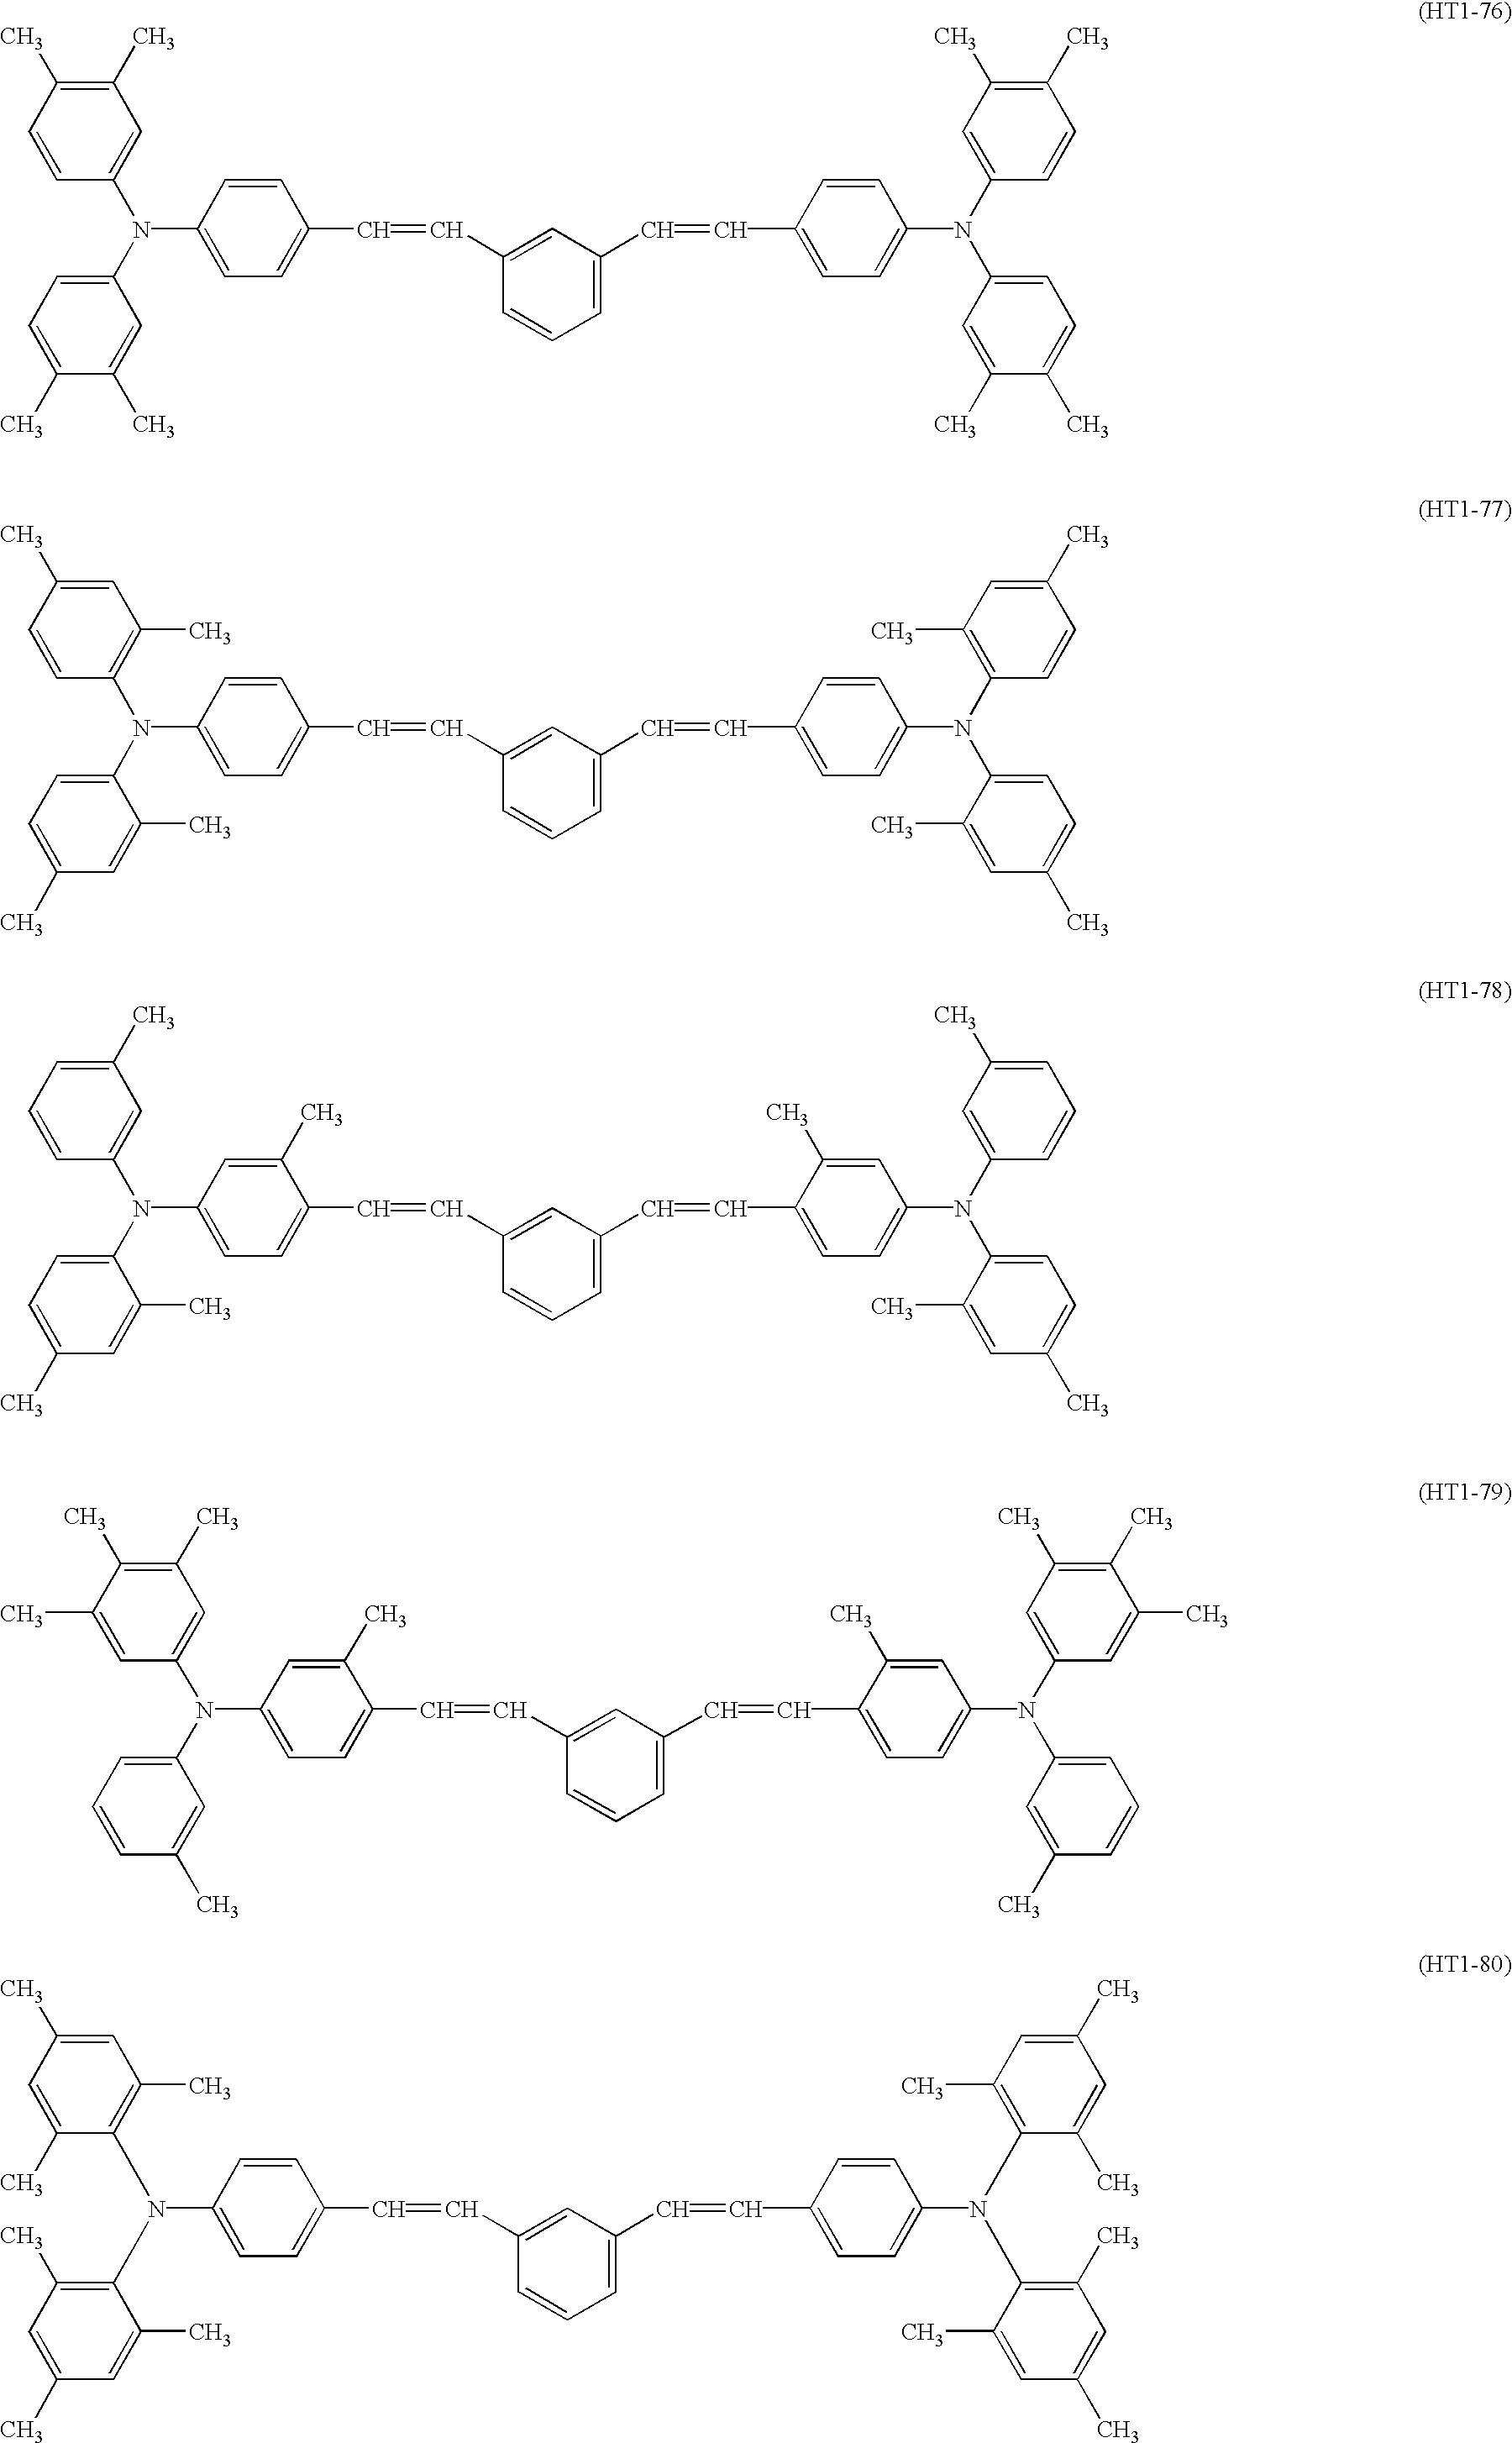 Figure US06485873-20021126-C00072